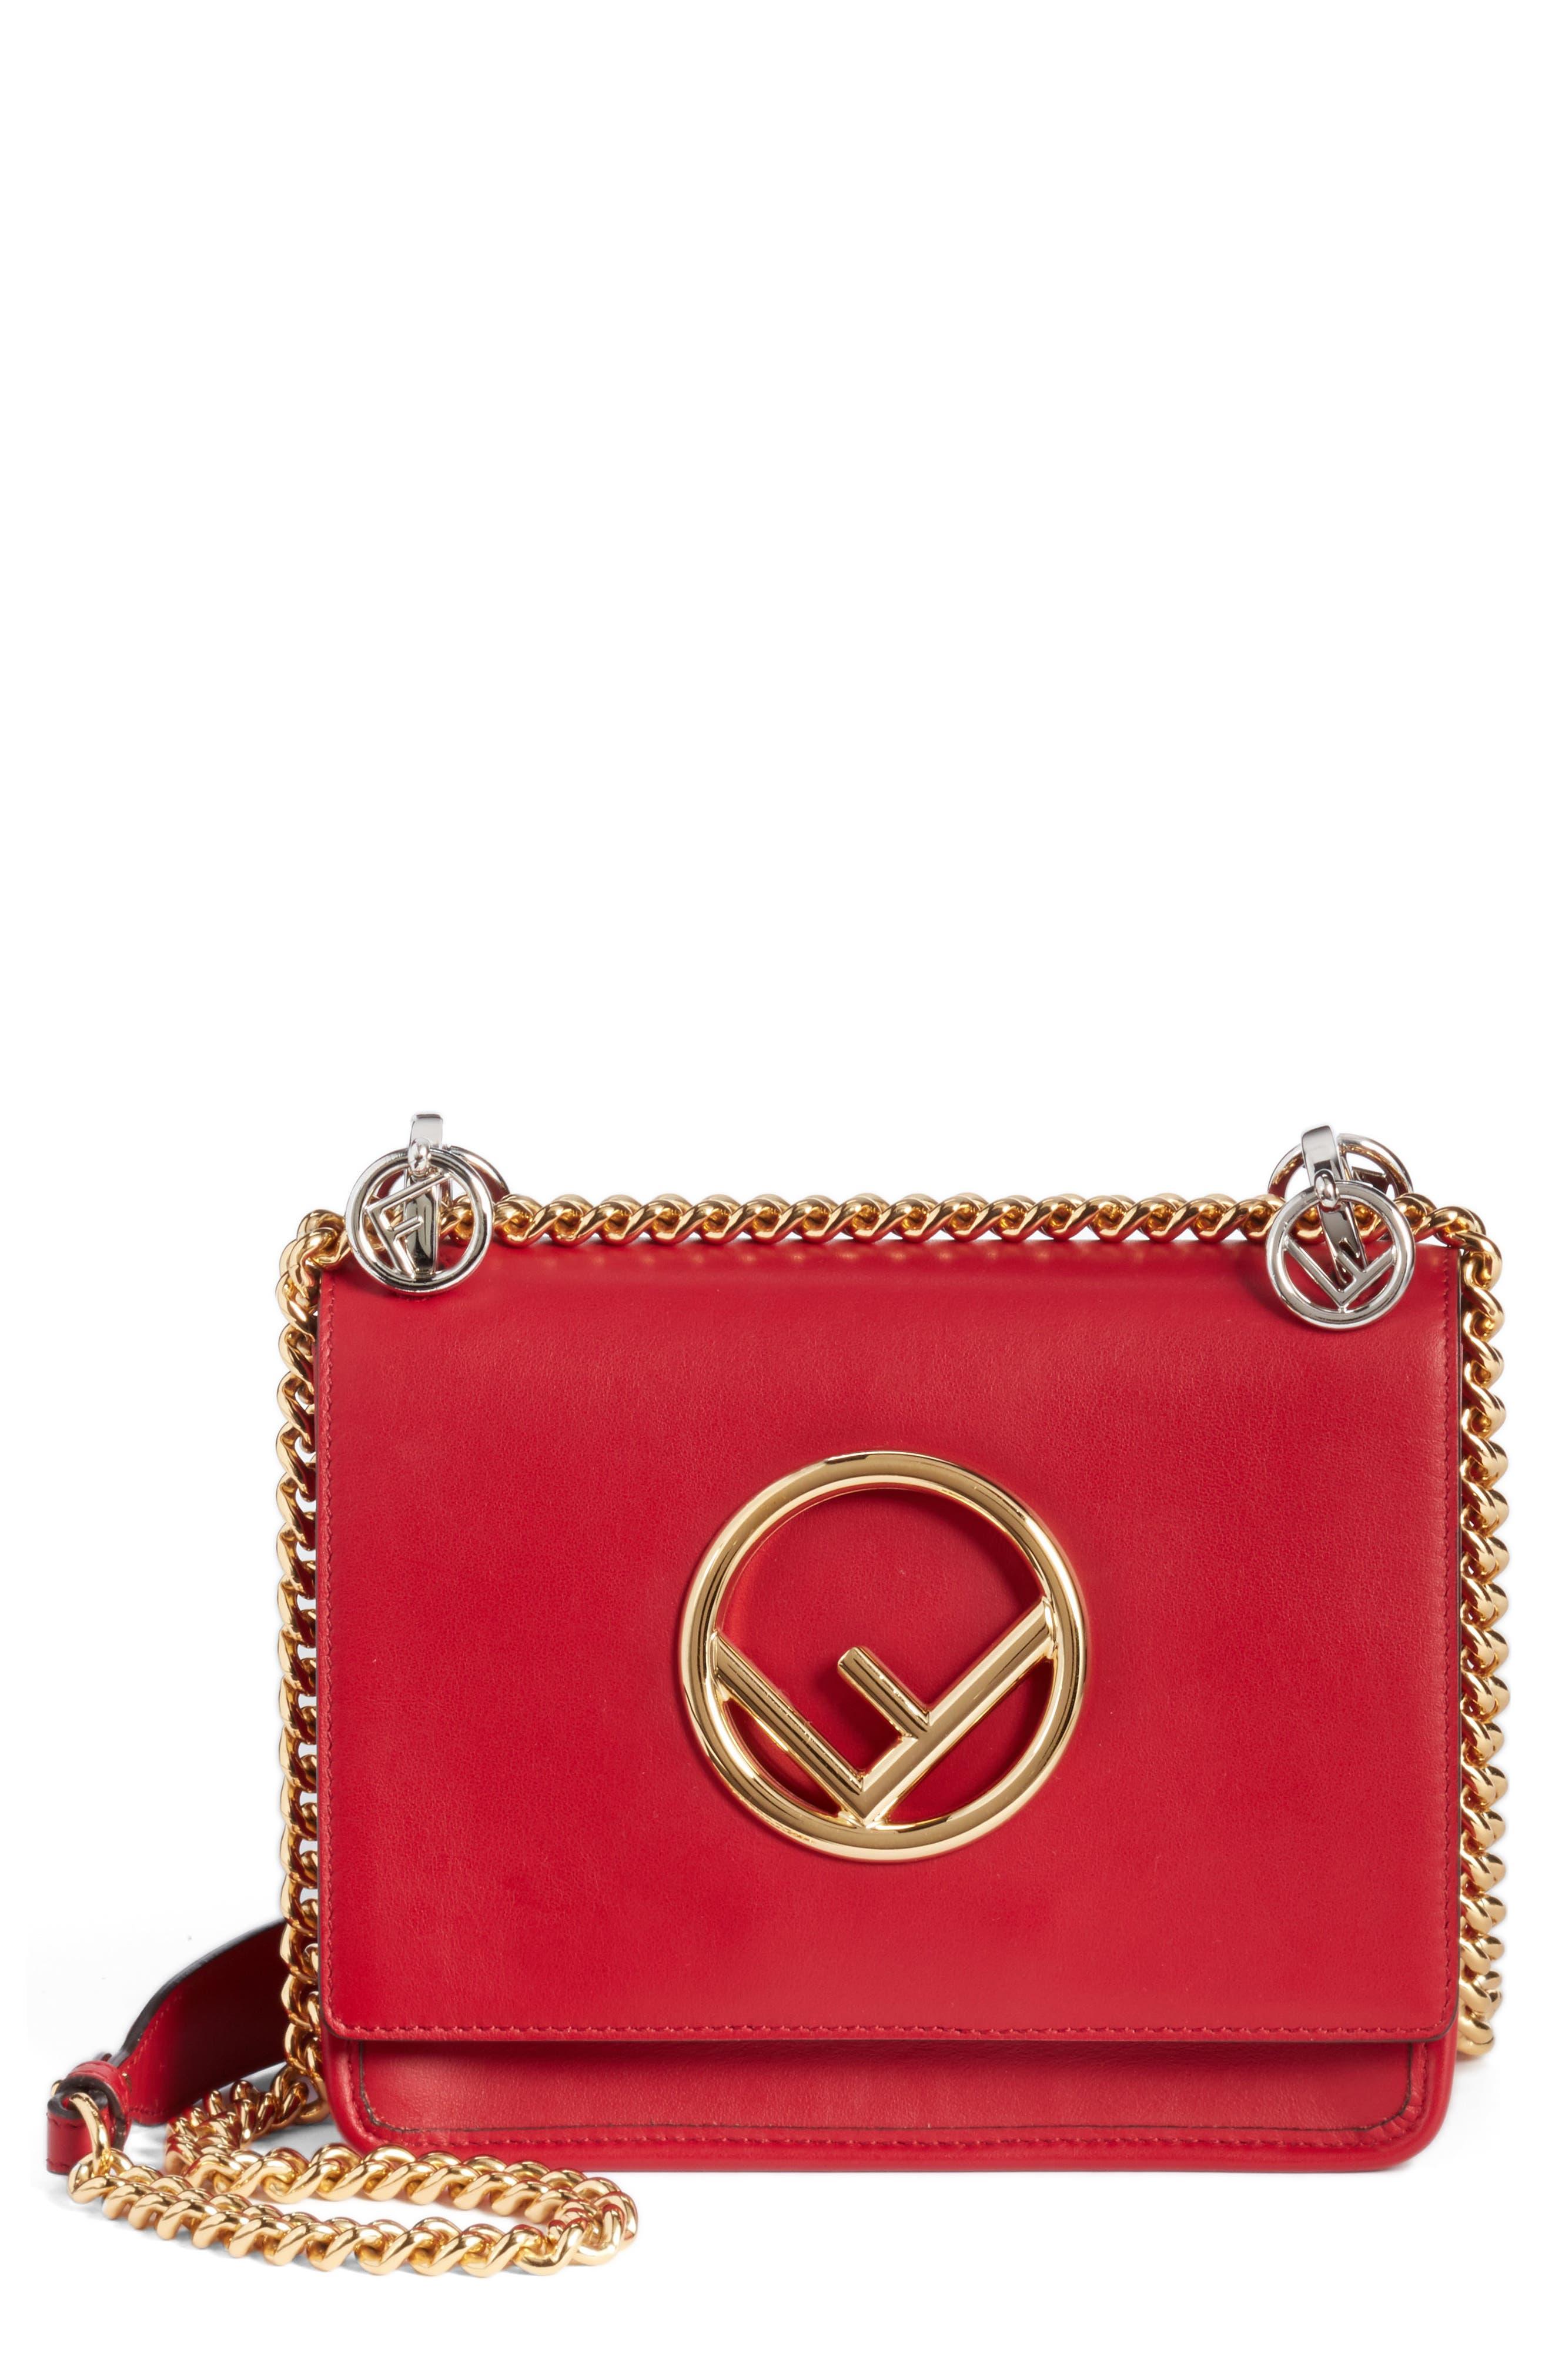 Fendi Kan I Calfskin Leather Shoulder Bag